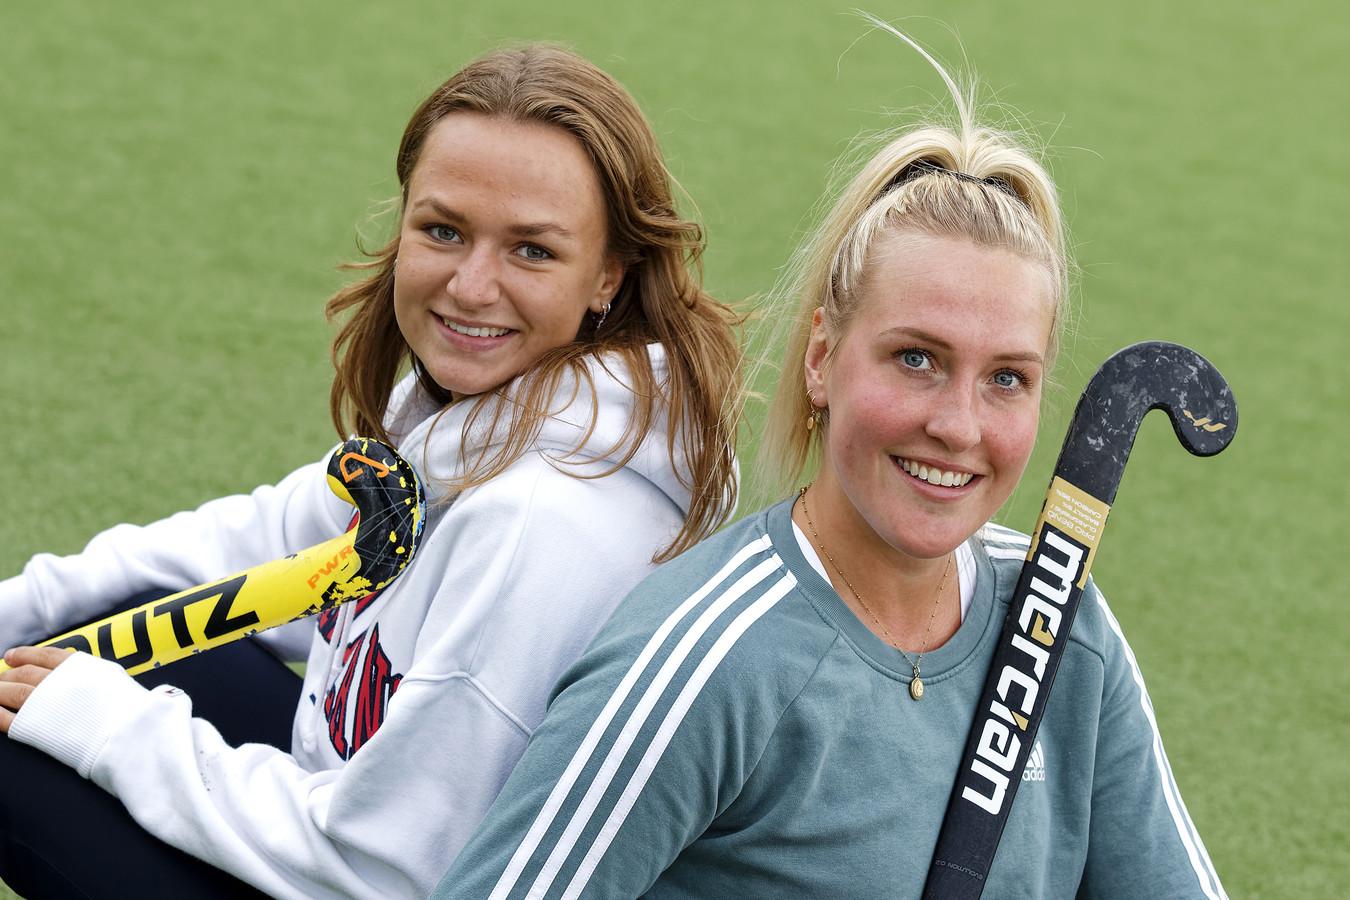 Bente Pieters (rechts) wordt gezien als een soort architect voor Rosmalen. Lotte de Beijer moet de nieuwe goaltjesdief worden.